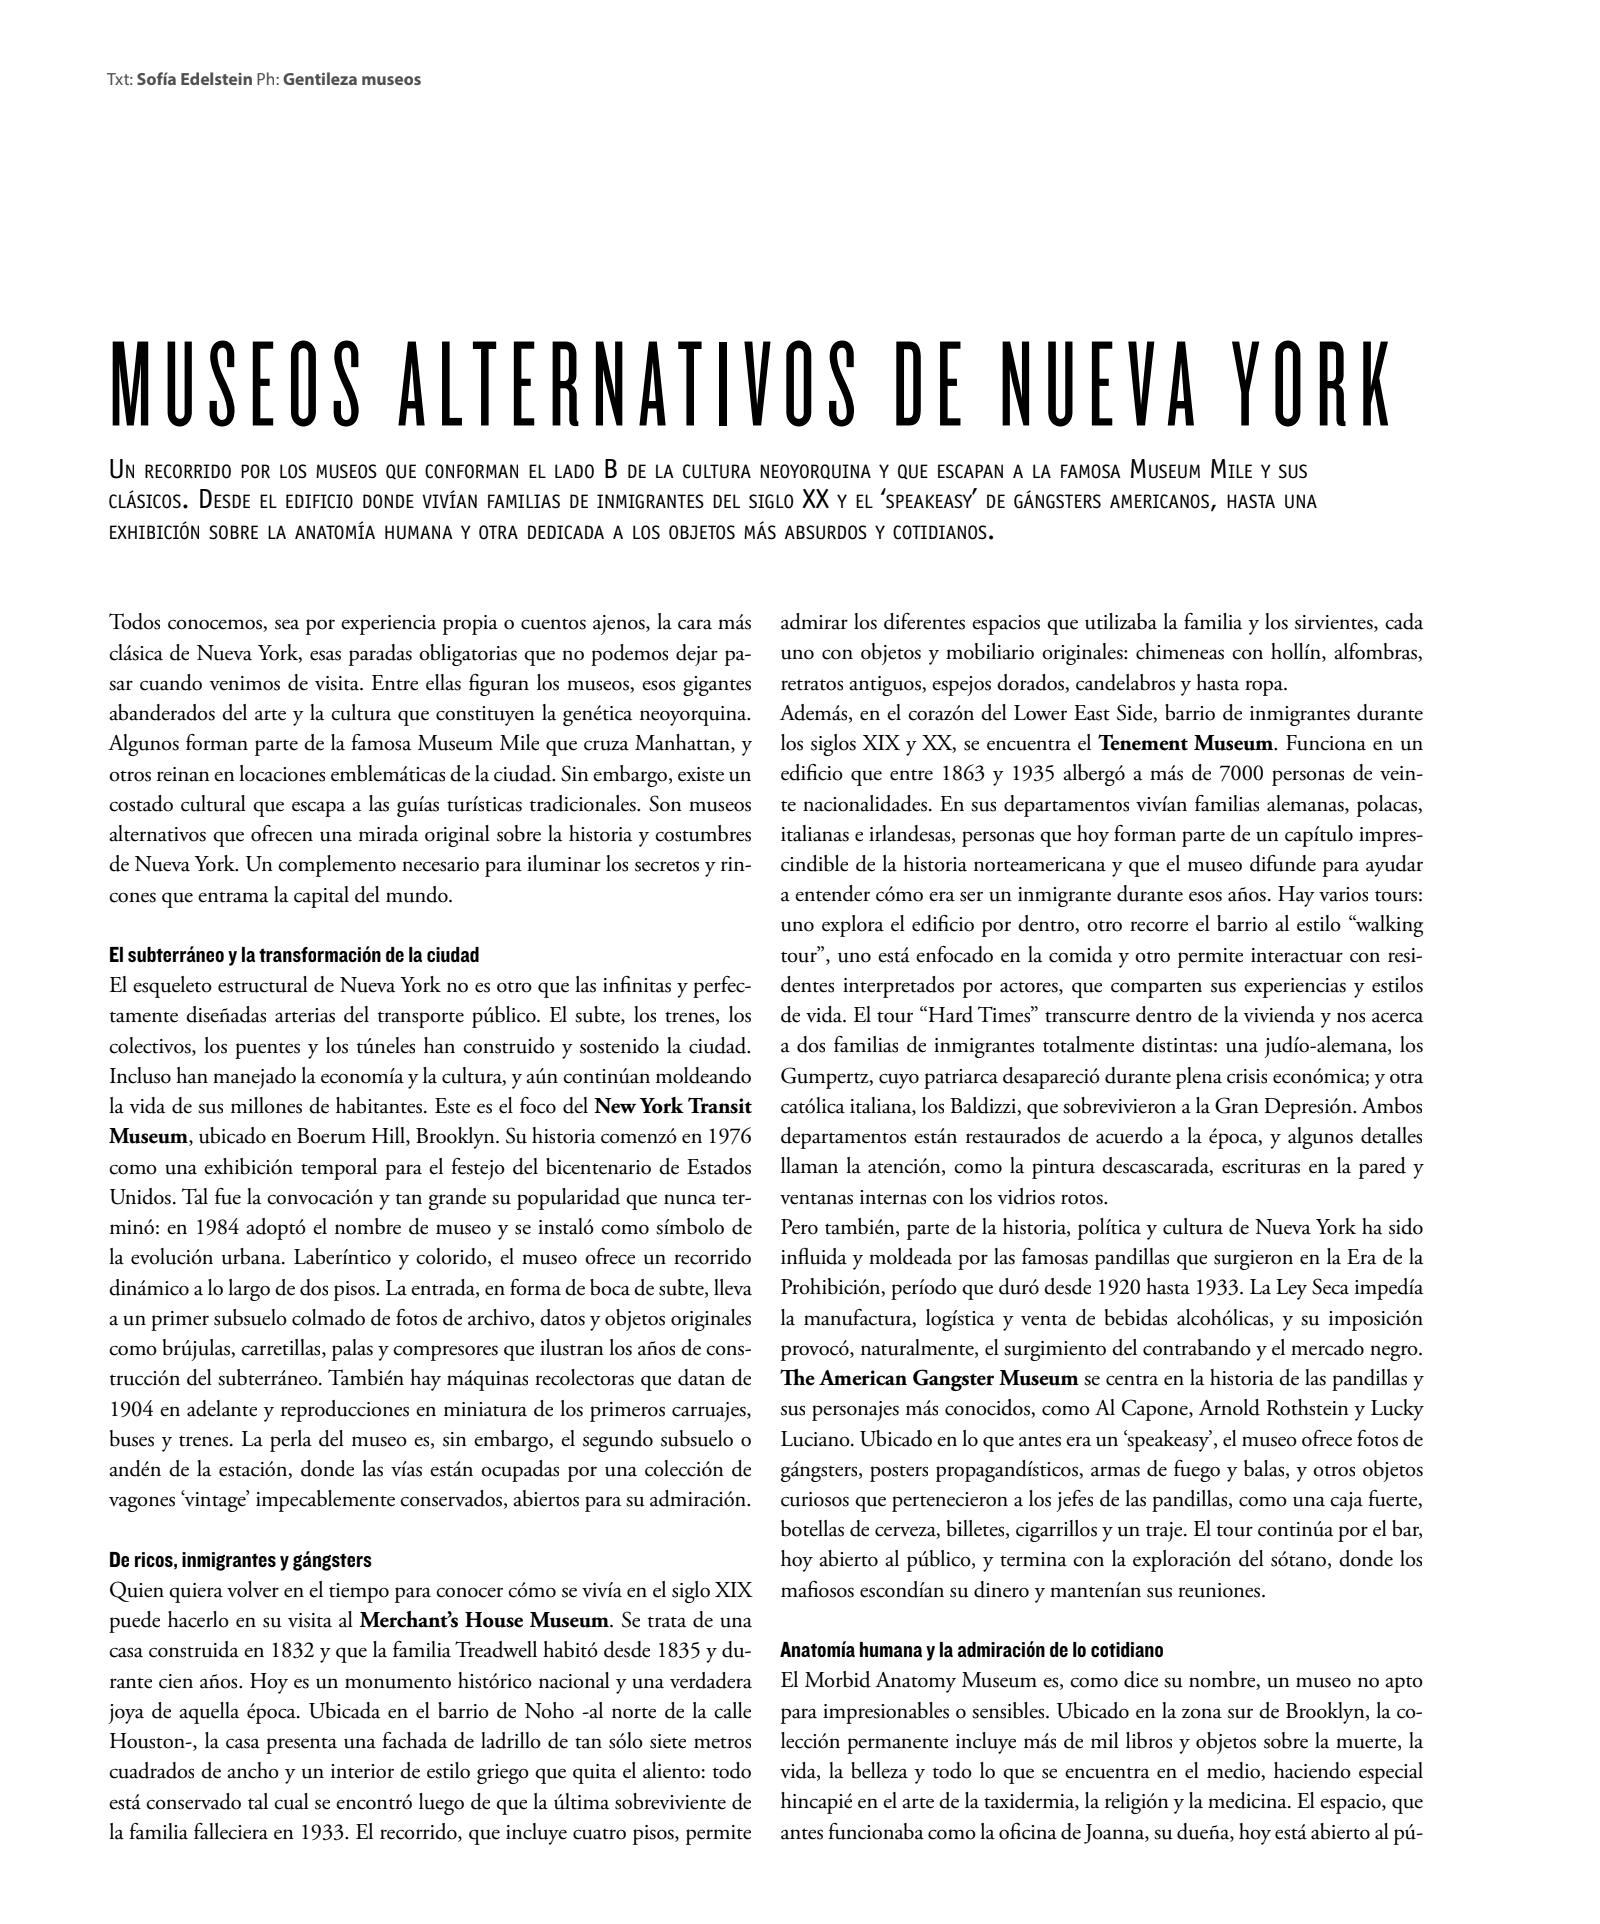 Museos alternativos en Nueva York